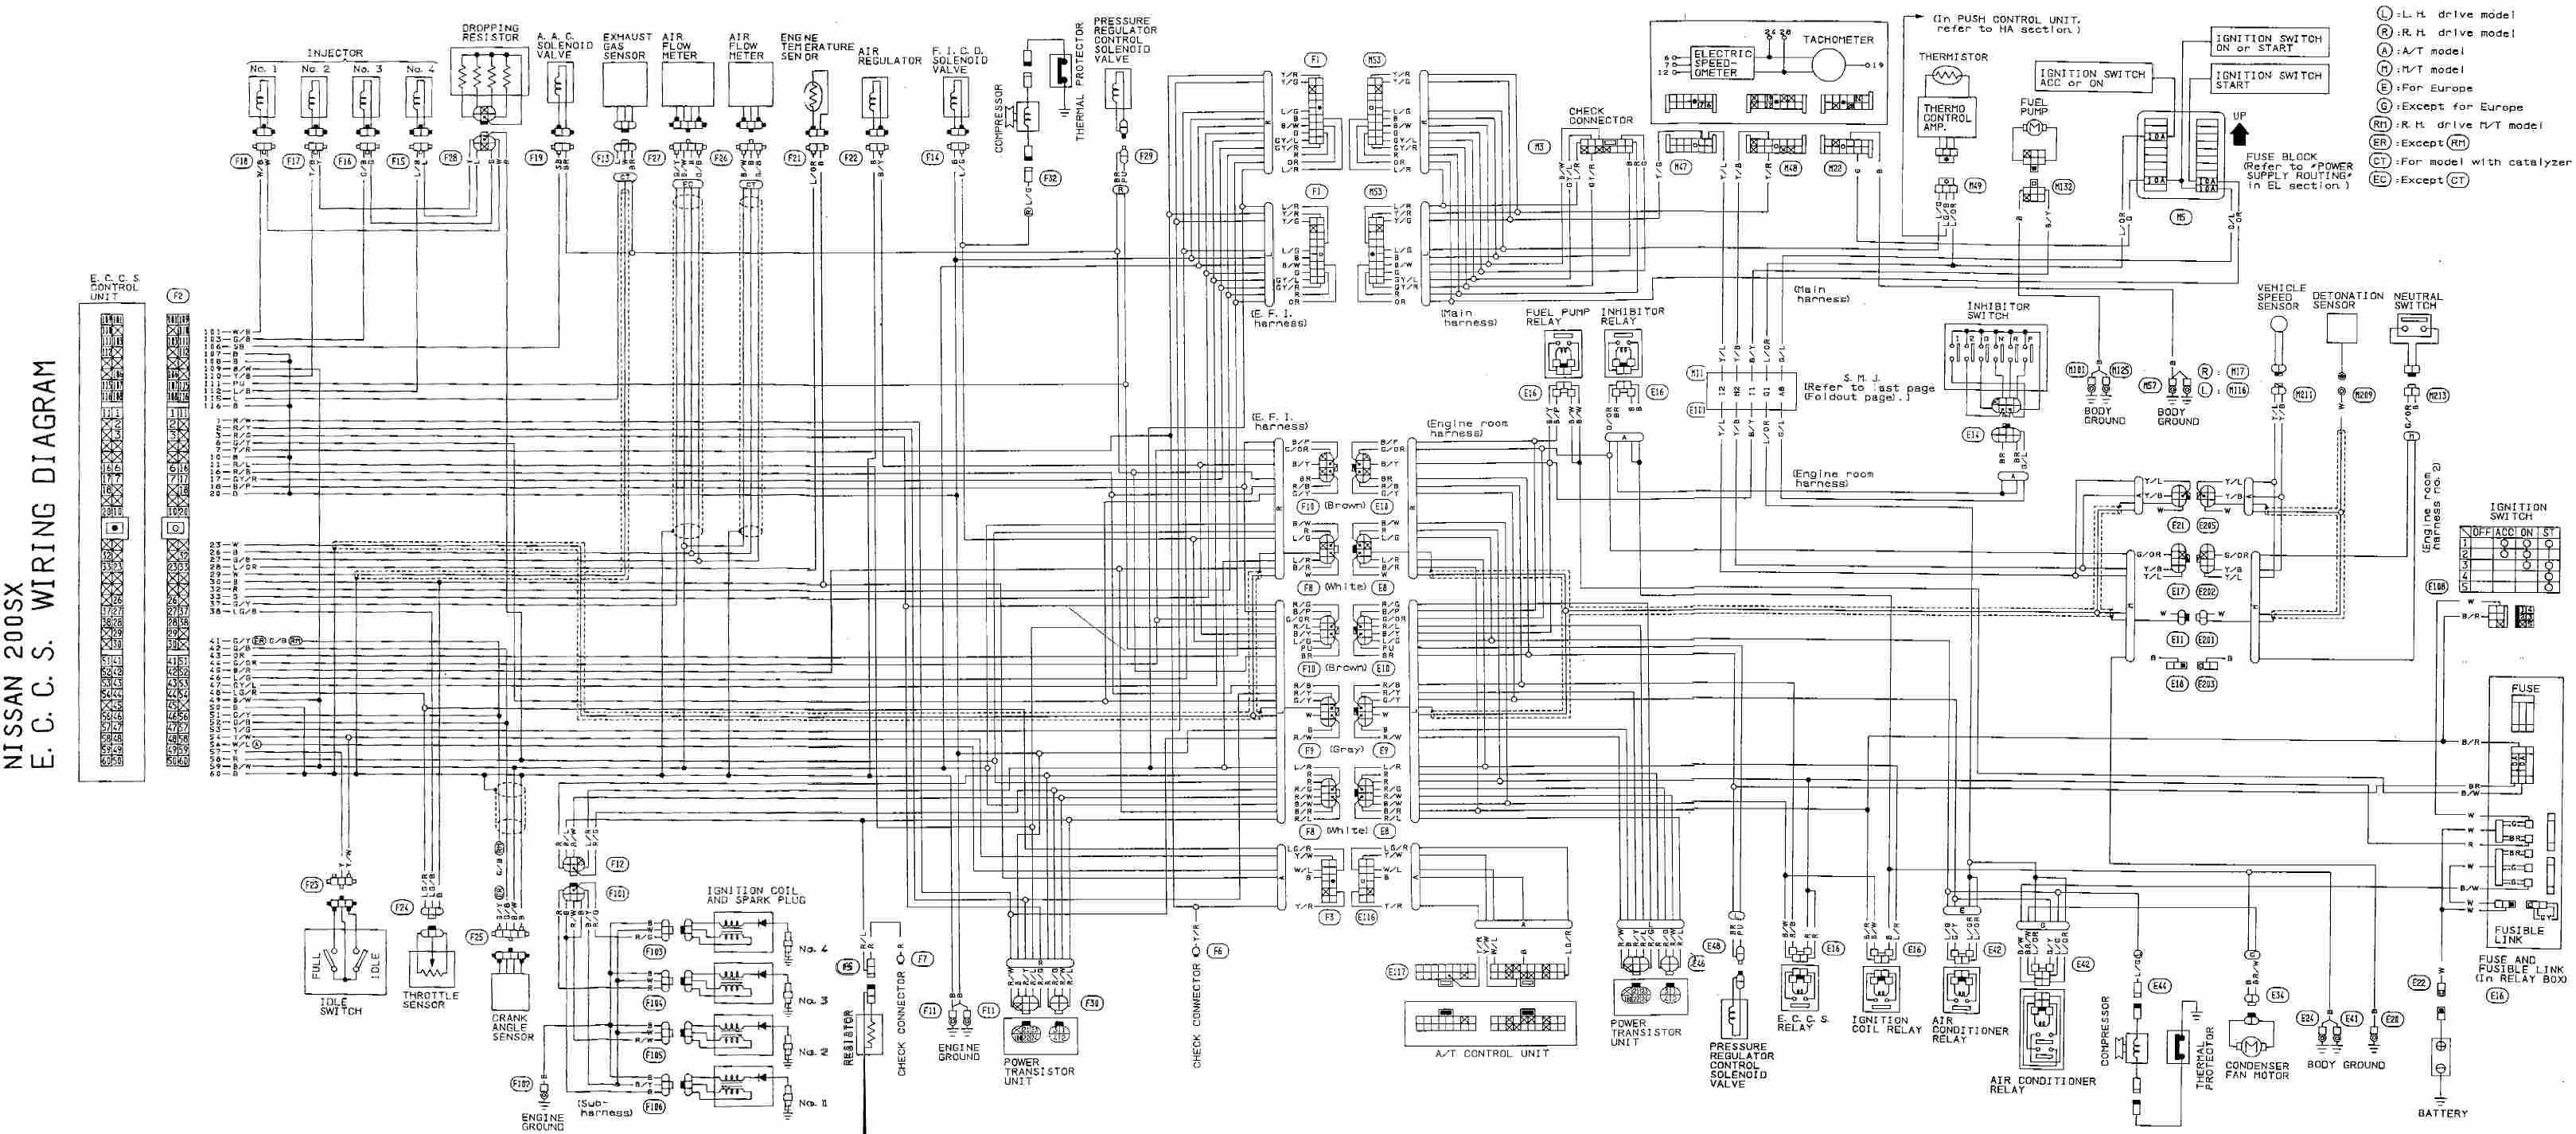 Nissan Micra Engine Diagram Repair Guides Wiring Diagrams Autozone Entrancing Nissan Afif Of Nissan Micra Engine Diagram Nissan Micra 03 Oct 10 Haynes Repair Manual